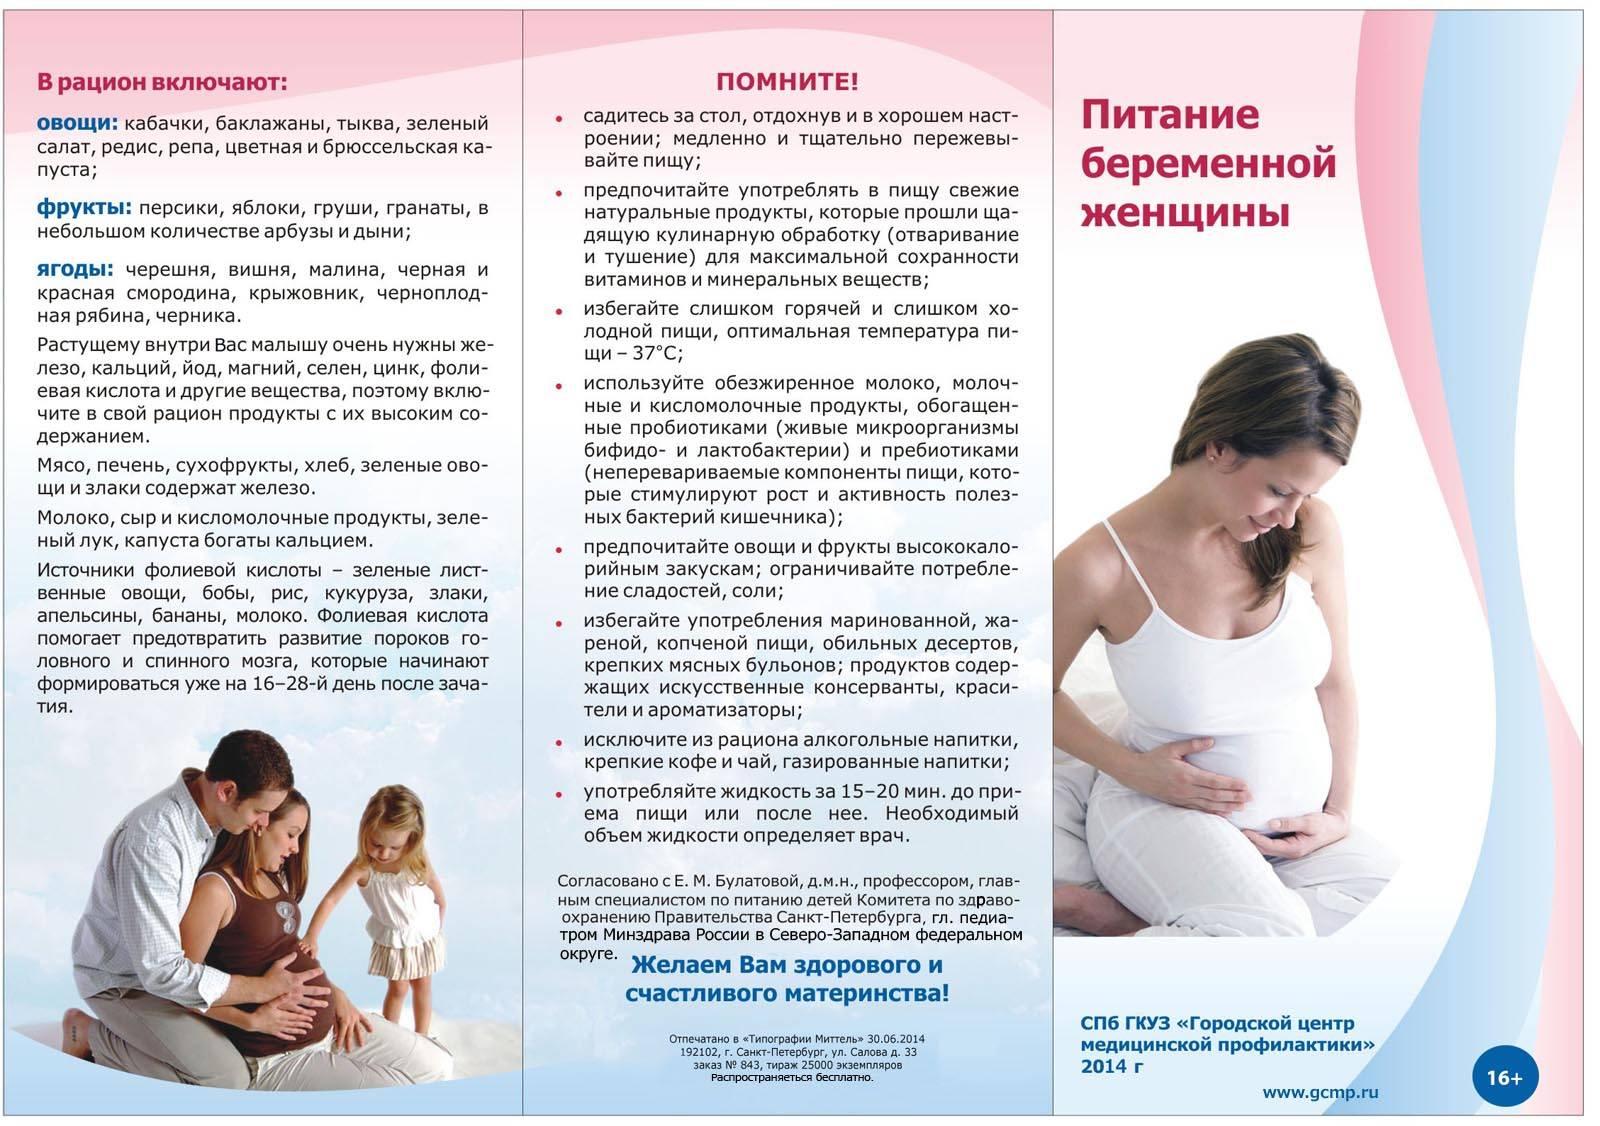 Польза кофе для женского здоровья: борьба с мигренью, влияние на гормональный фон и зачатие, профилактика цирроза